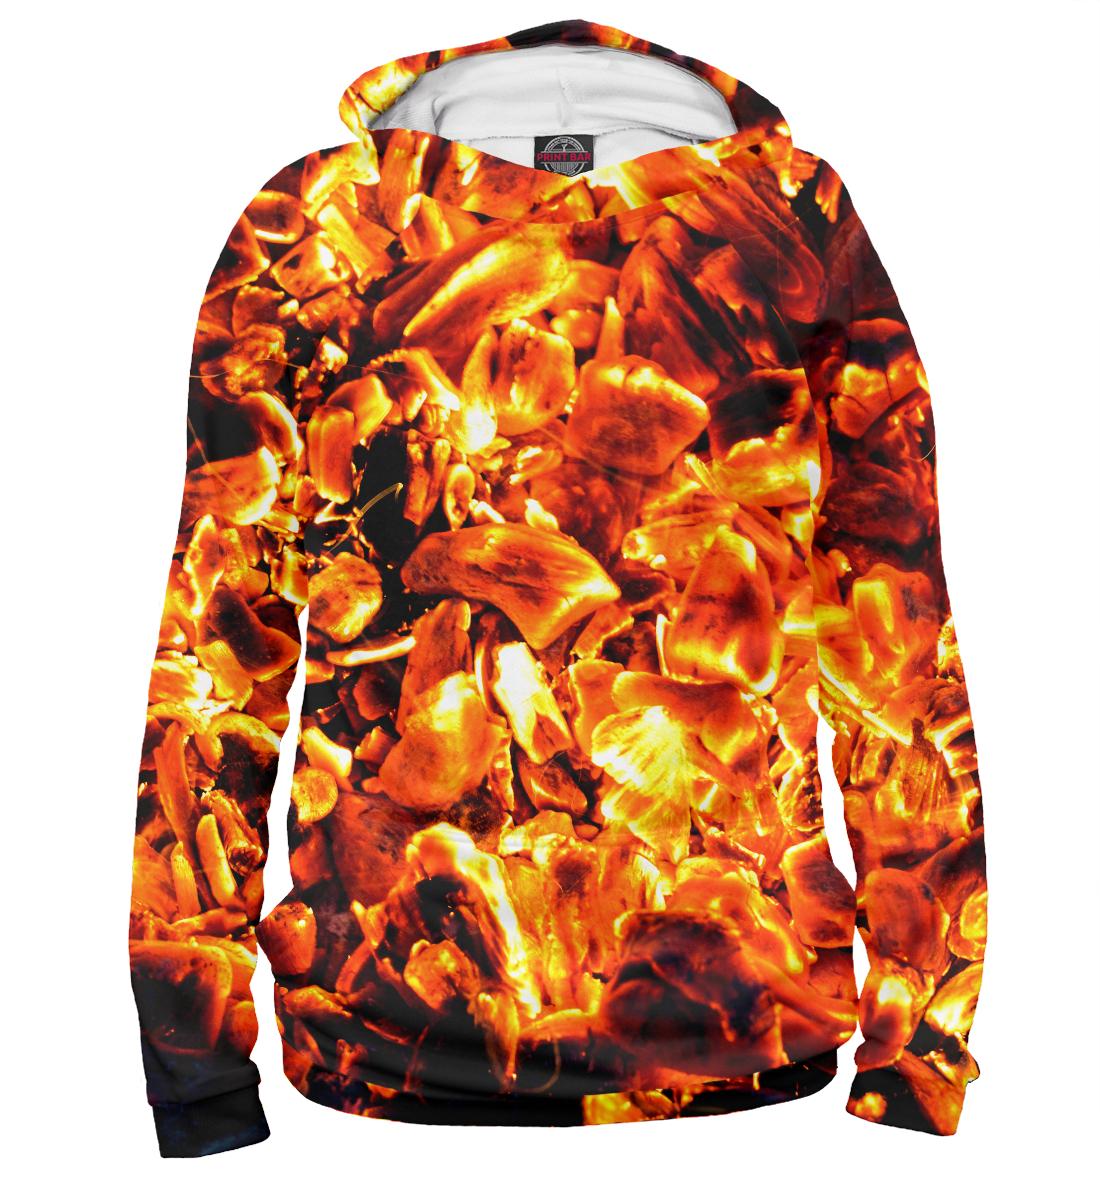 Купить Яркий огонь, Printbar, Худи, STI-271781-hud-2